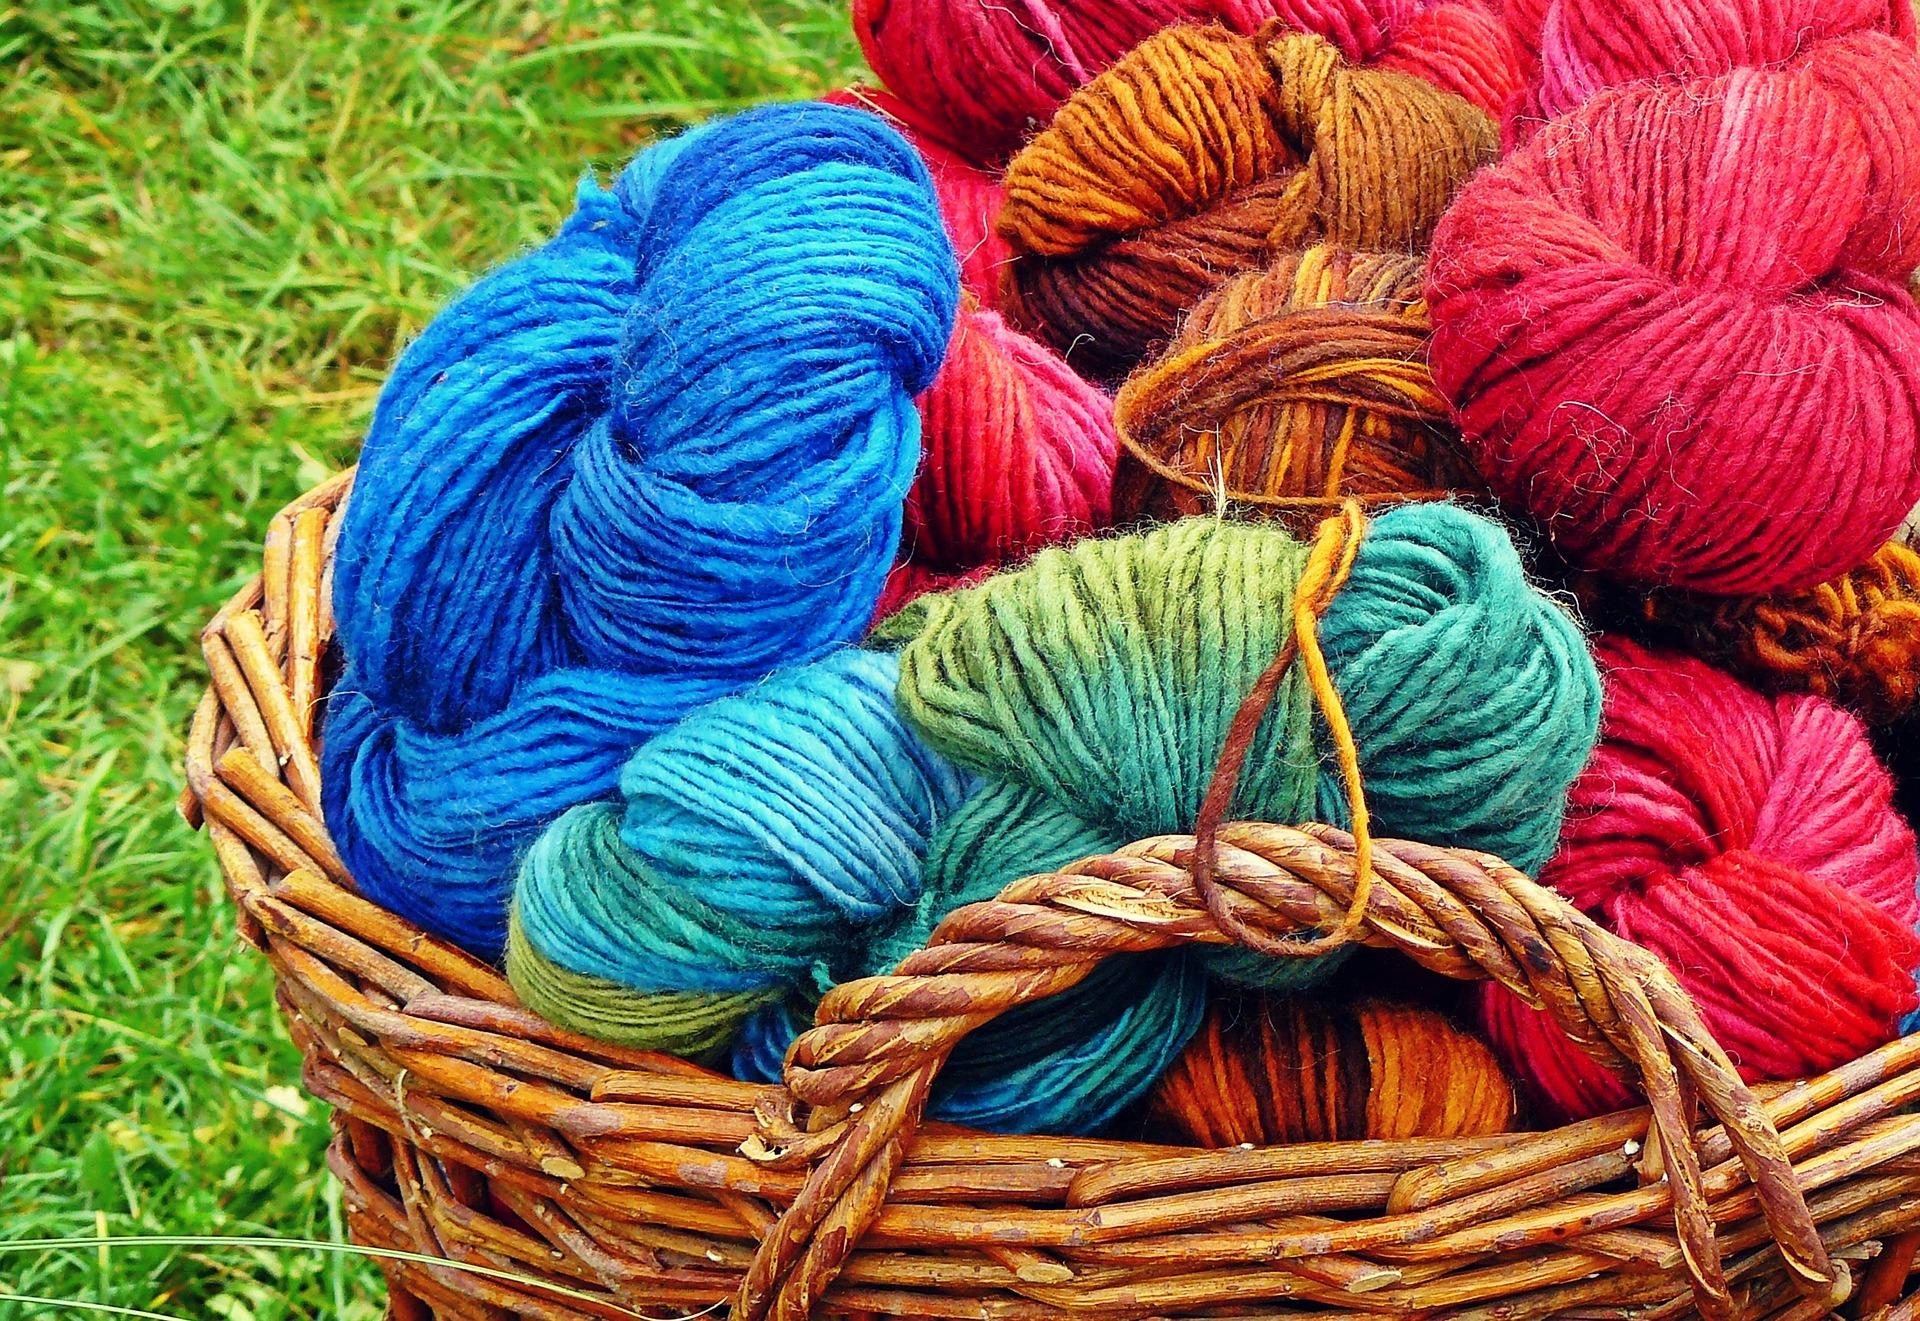 pelotes-laine-cocoparisienne